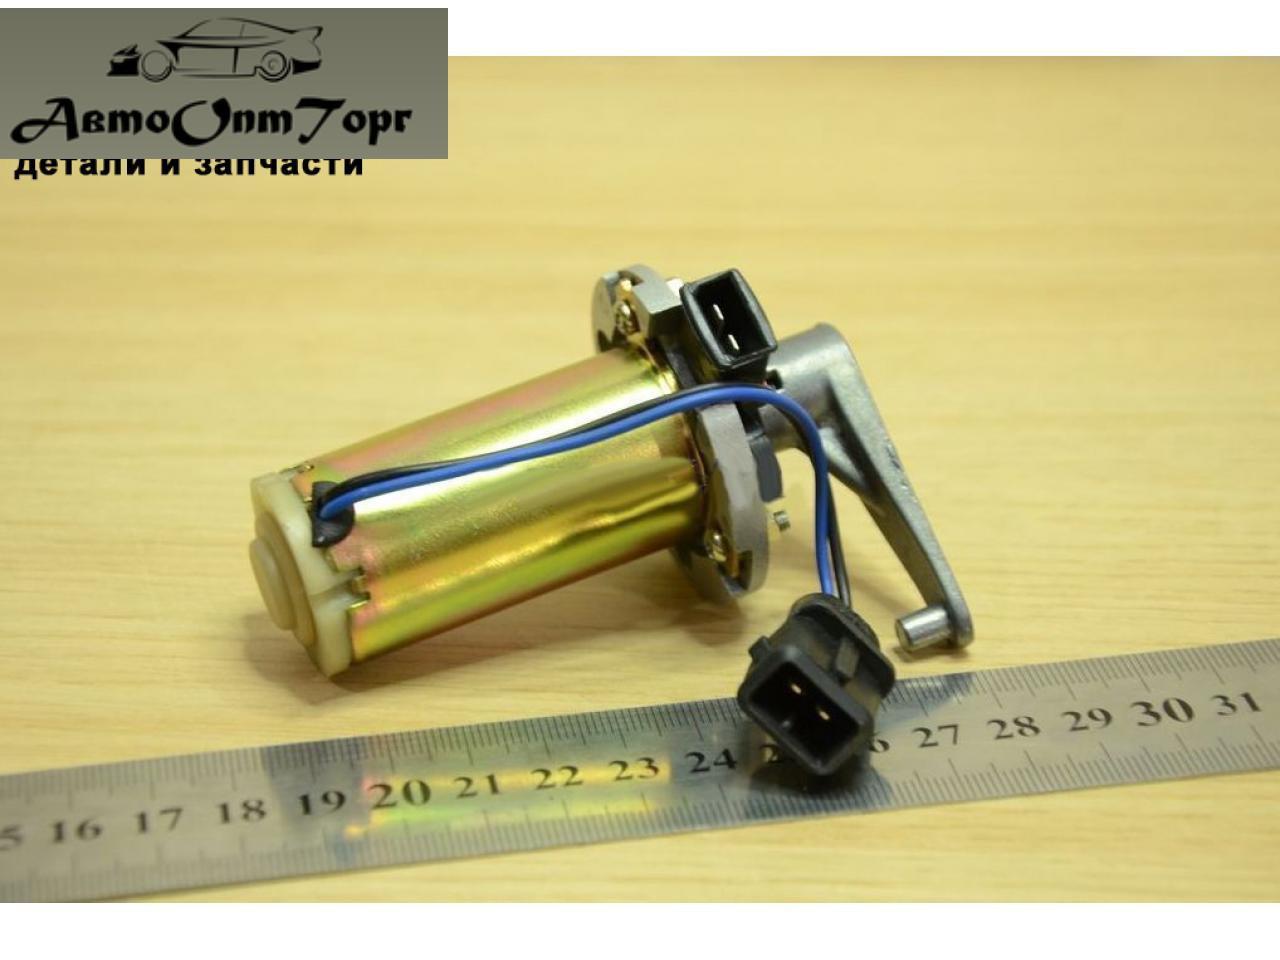 Микромотор отопителя (печки) ВАЗ 2110,2111,2112 старого образца, произ-во Москва, кат.код. 2110-8127200;